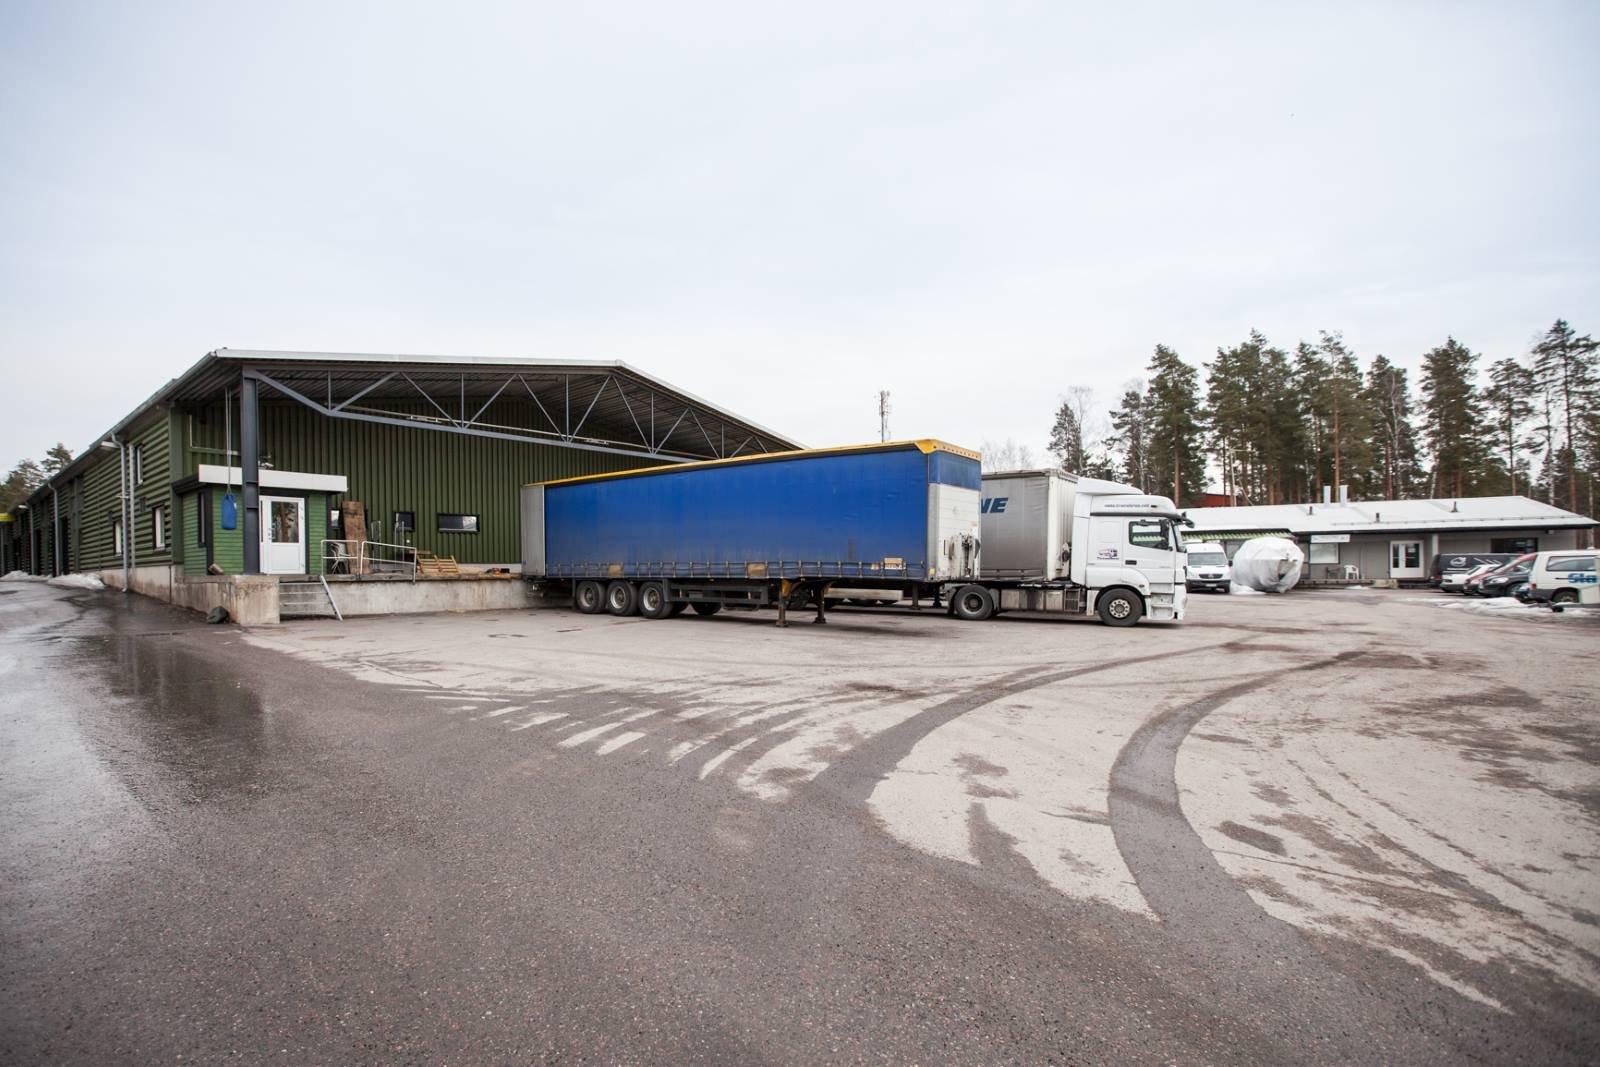 Kiinteistö Oy Ylästöntie Vantaa öljylämmitys maalämmön rinnalla